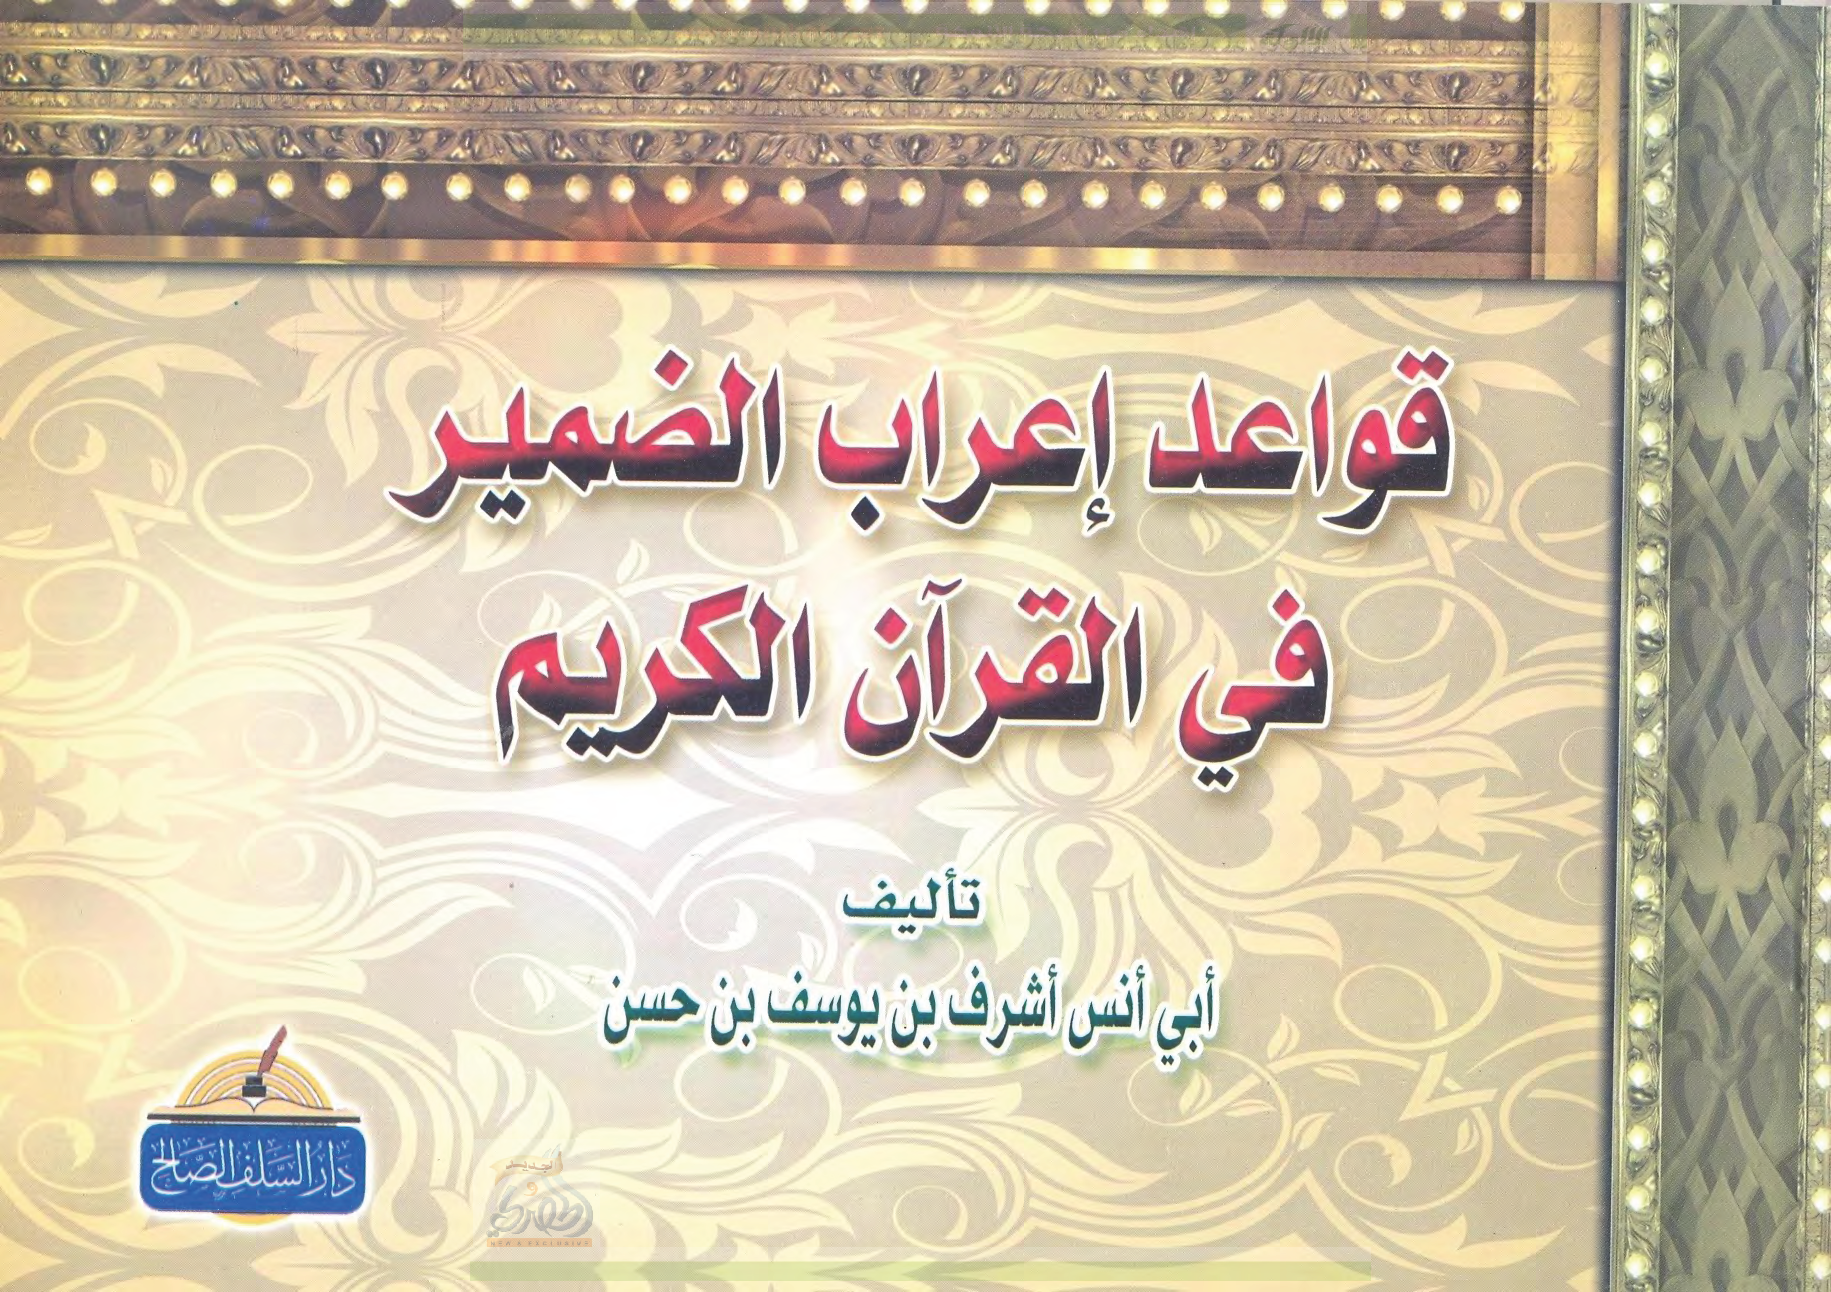 تحميل كتاب قواعد إعراب الضمير في القرآن الكريم لـِ: الشيخ أبو أنس أشرف بن يوسف بن حسن